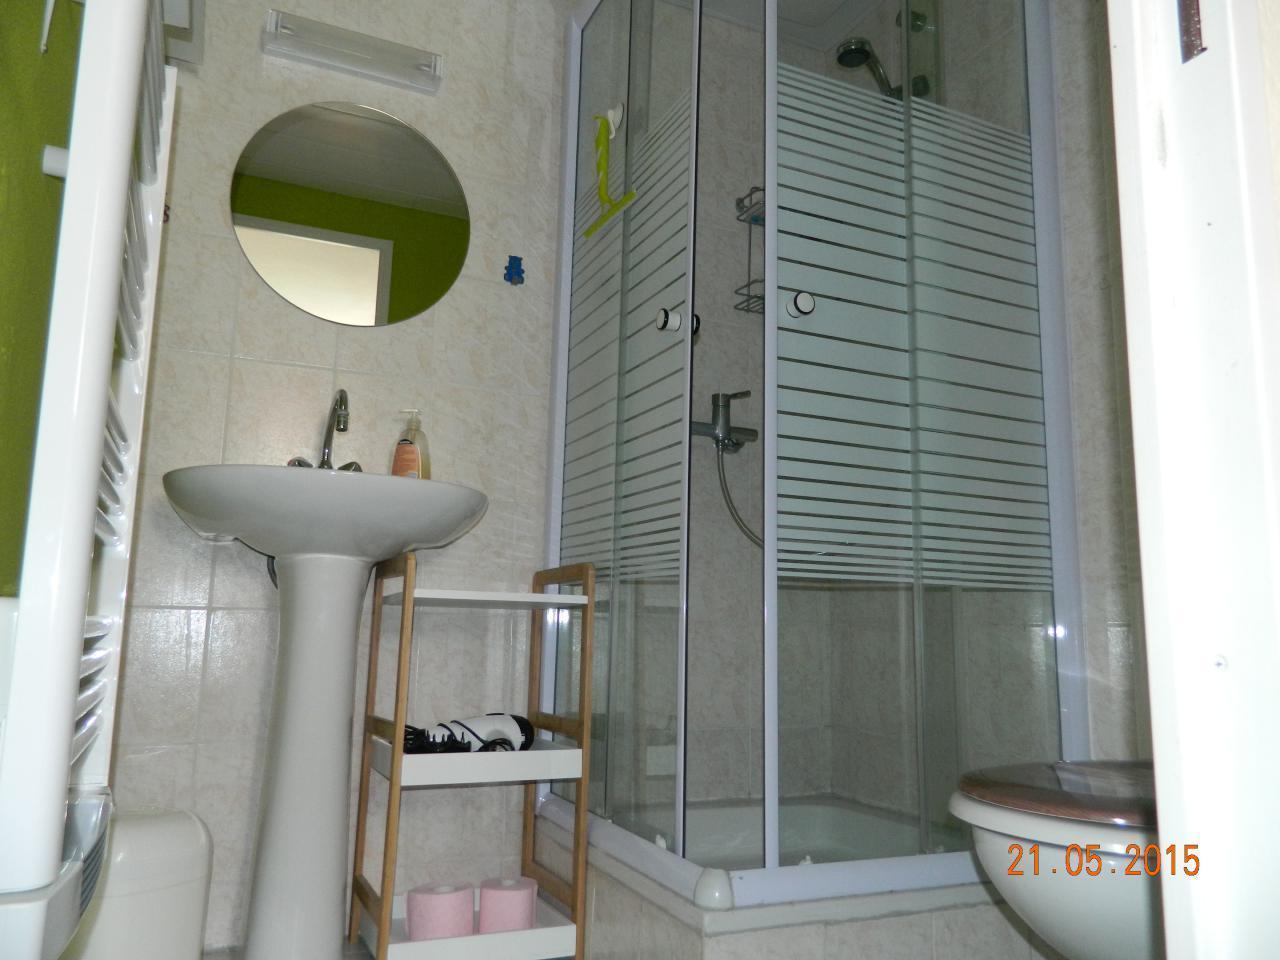 Ferienhaus Heinke (427434), Gruissan, Mittelmeerküste Aude, Languedoc-Roussillon, Frankreich, Bild 3